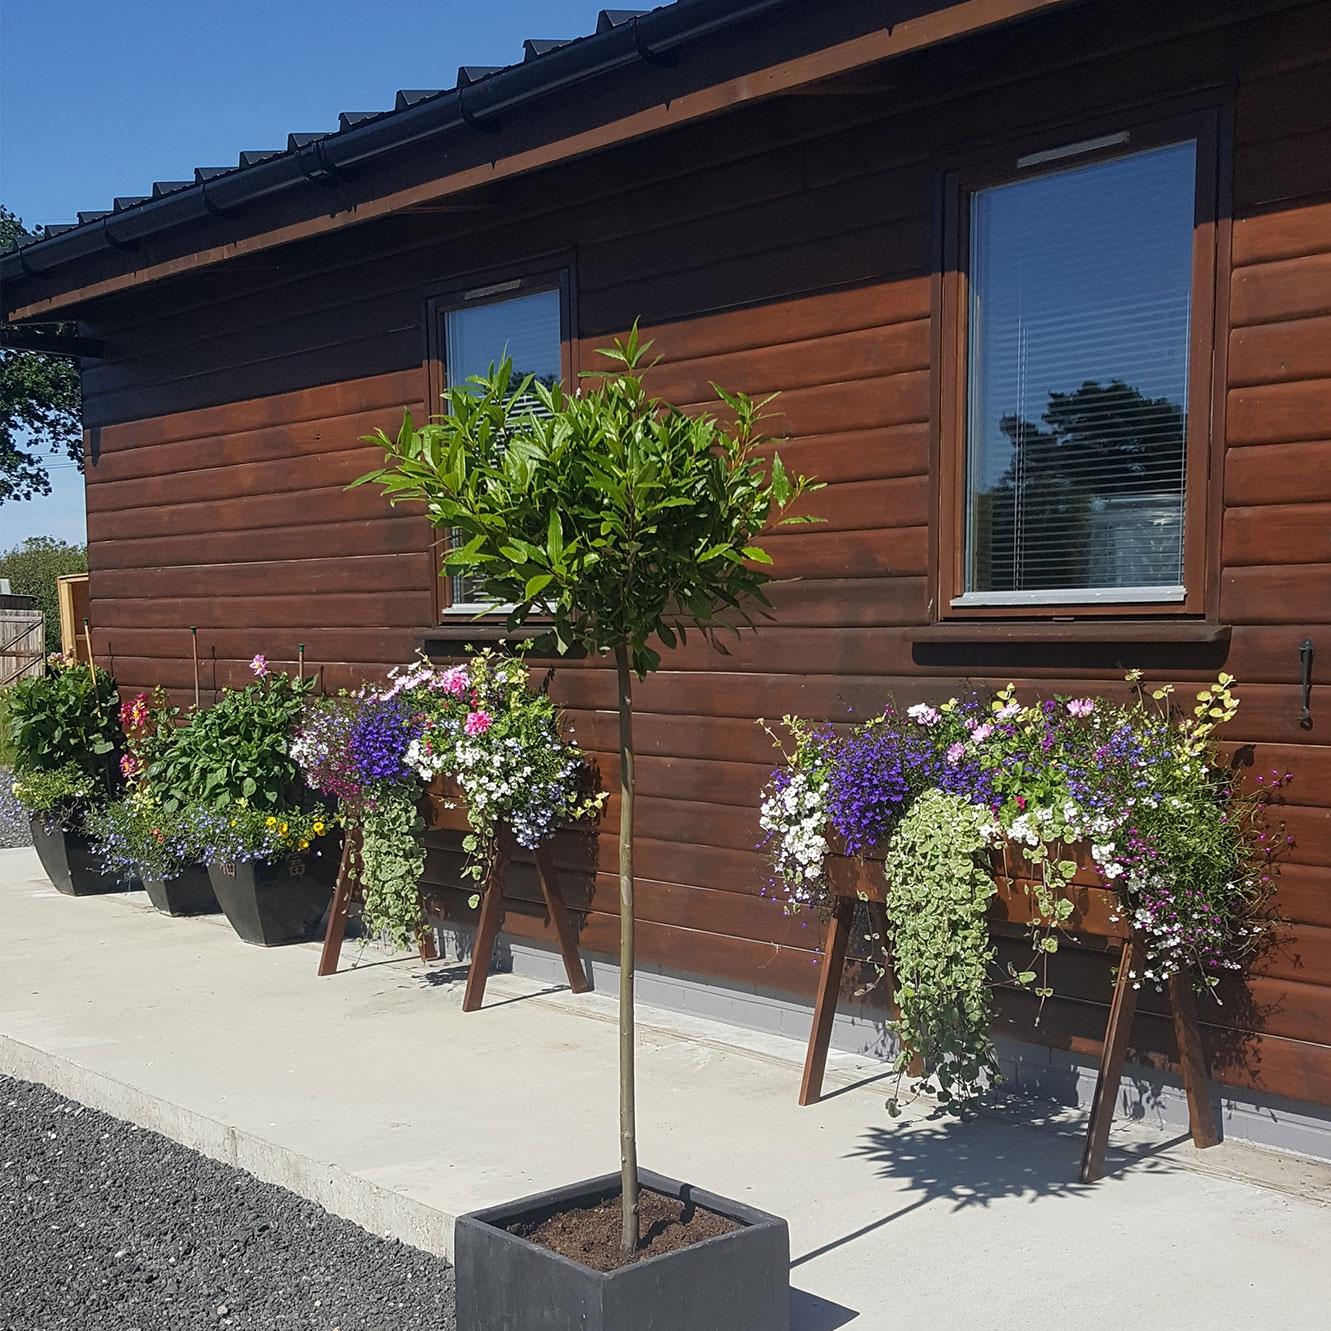 planters_flowers_distillery.jpg